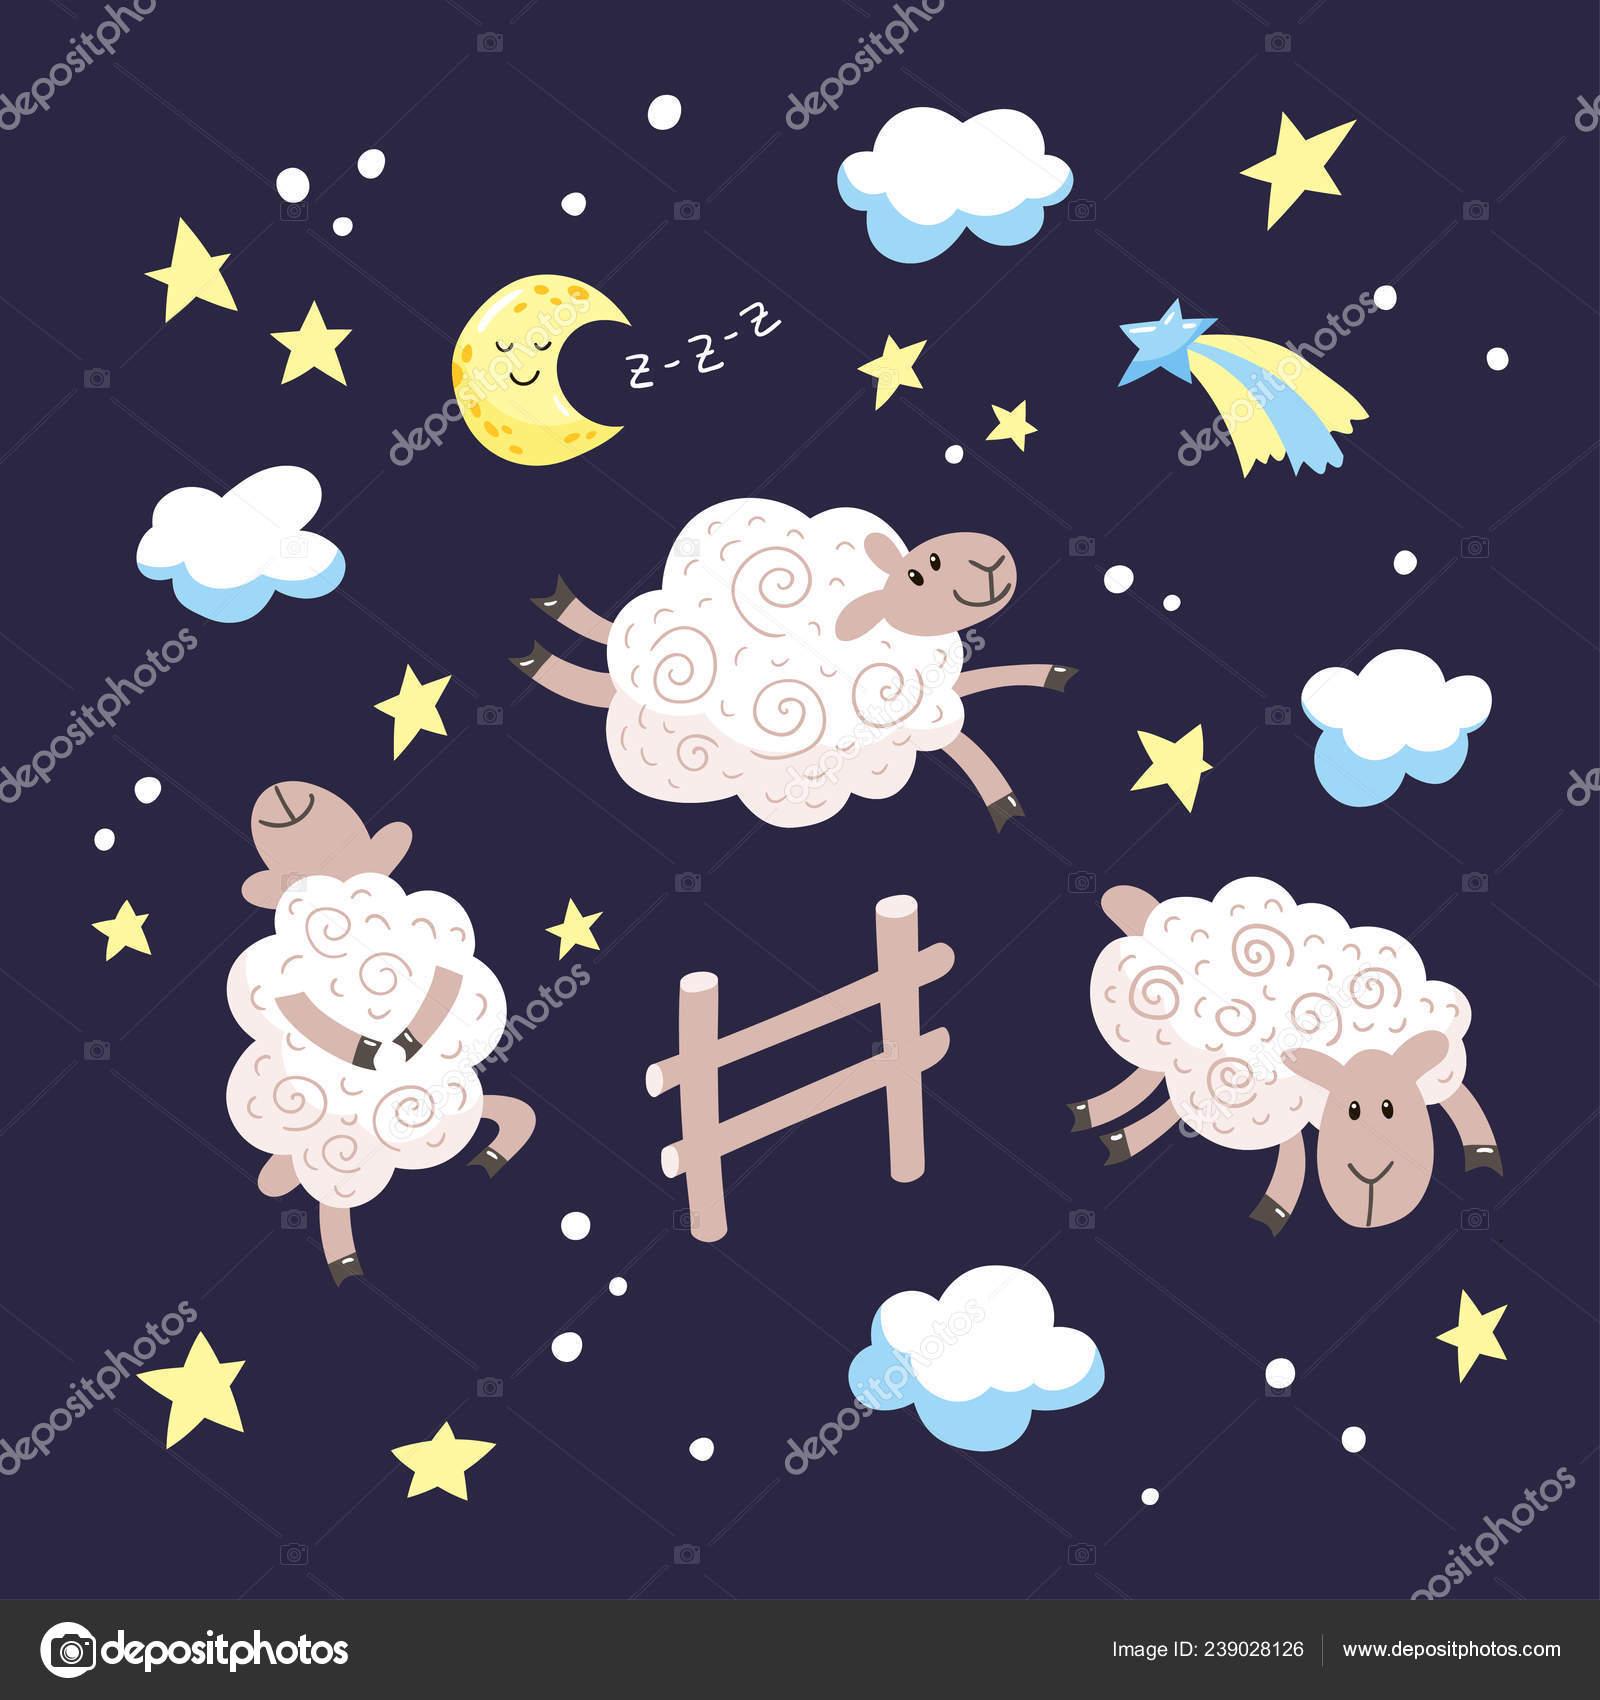 Buona Notte Fumetto Illustrazione Bambini Disegnato Mano